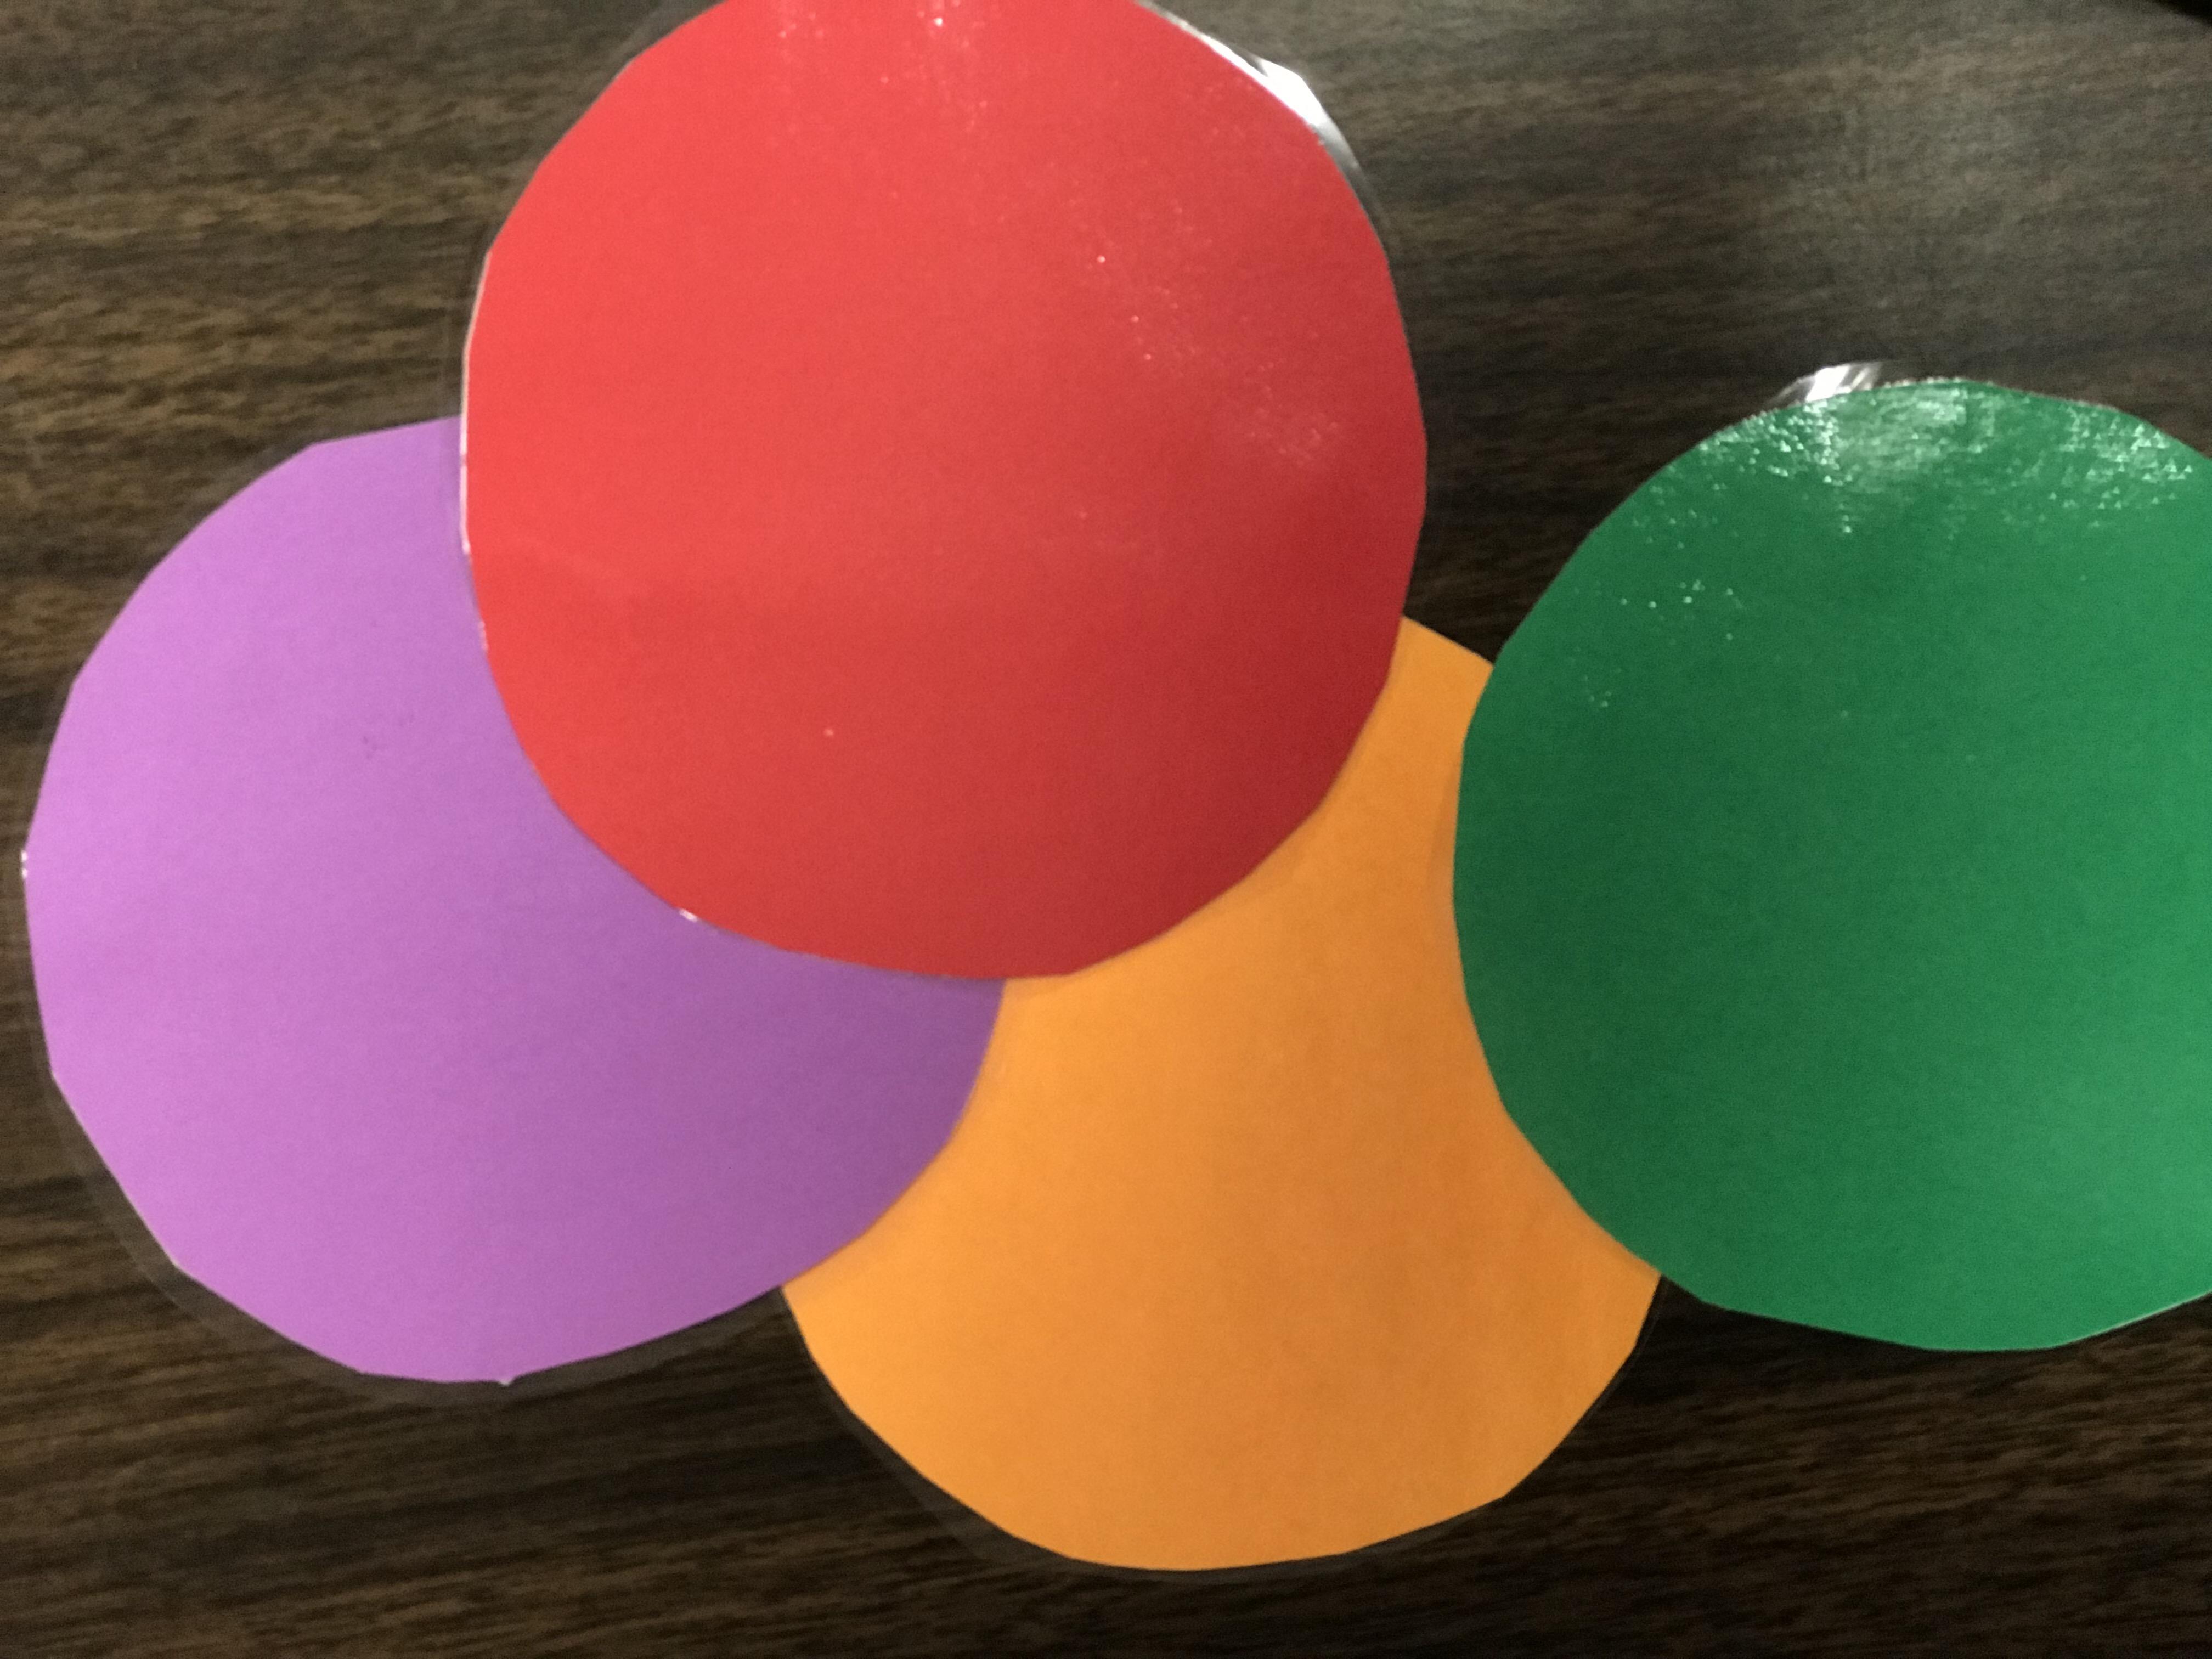 Laminated colored circles